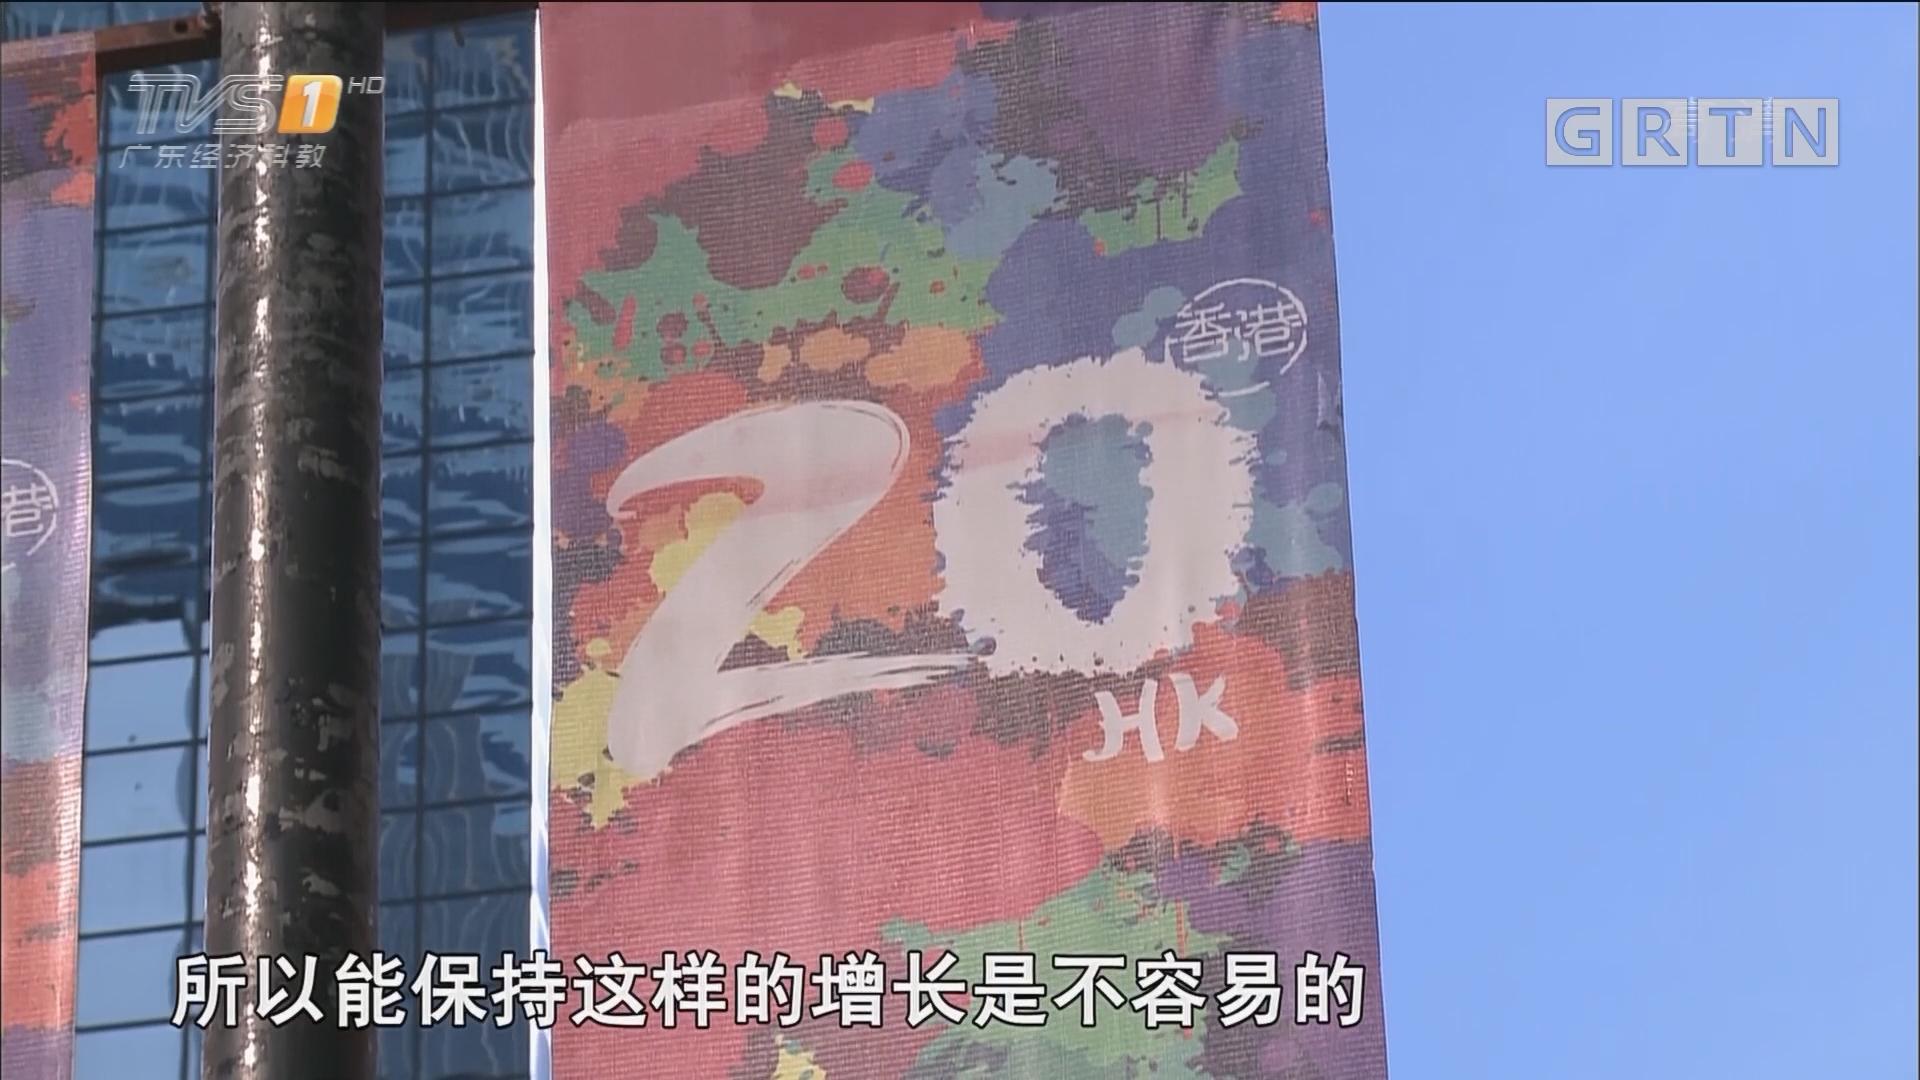 香港回归20年:二十载经济建设硕果累累 共创美好明天